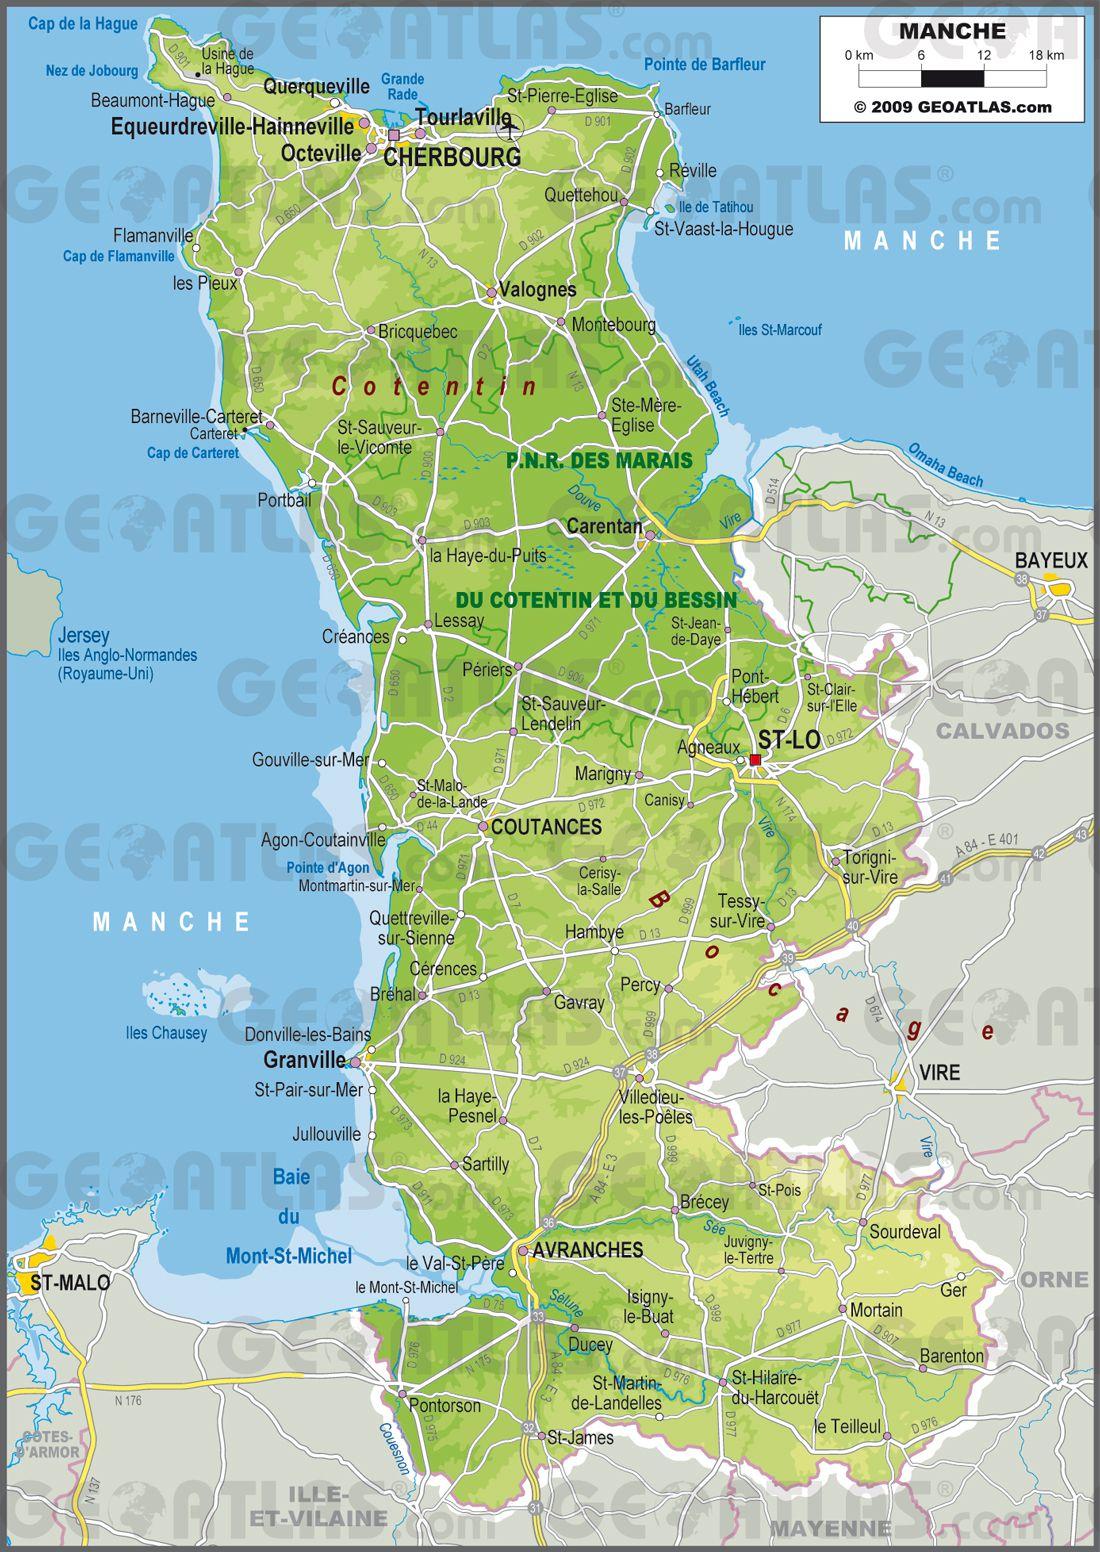 Carte de la Manche   Manche carte des villes, communes, politique